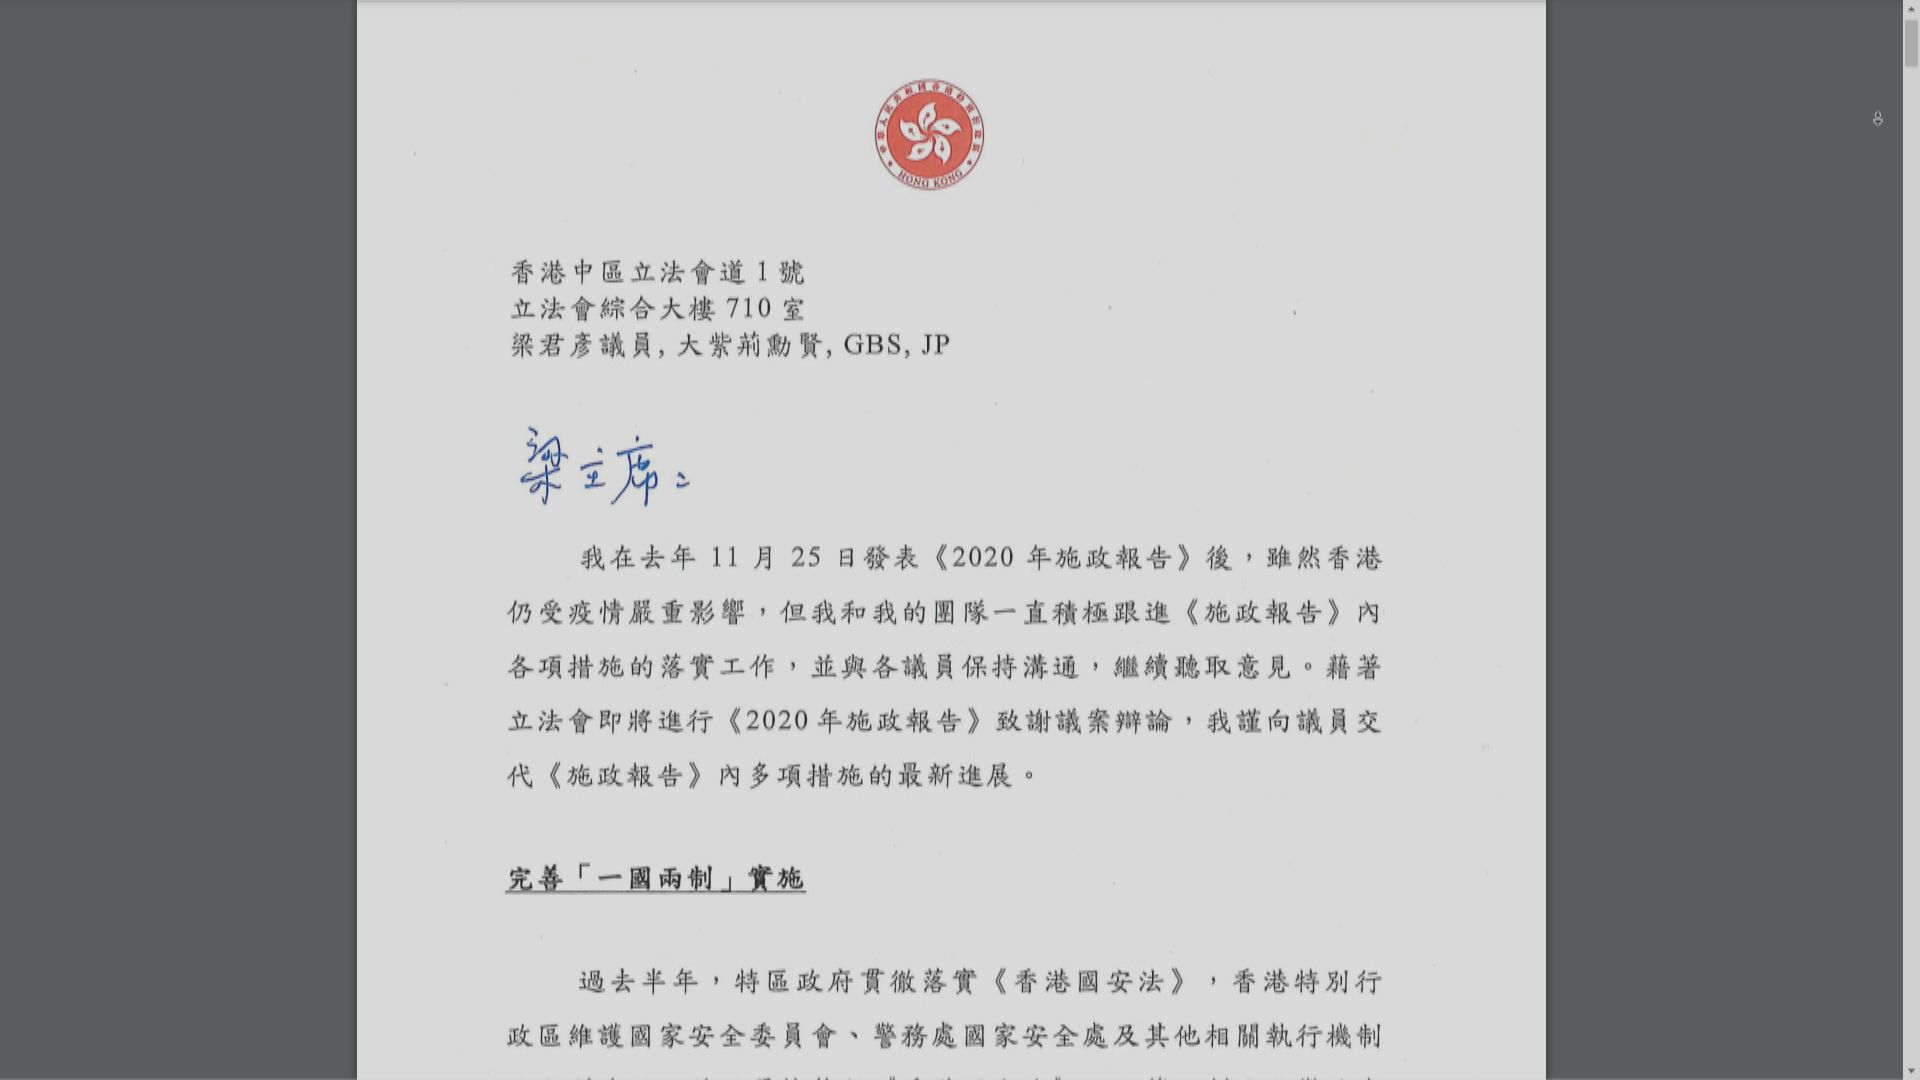 林鄭去信立法會交代施政報告進展 稱會加強政府執行力